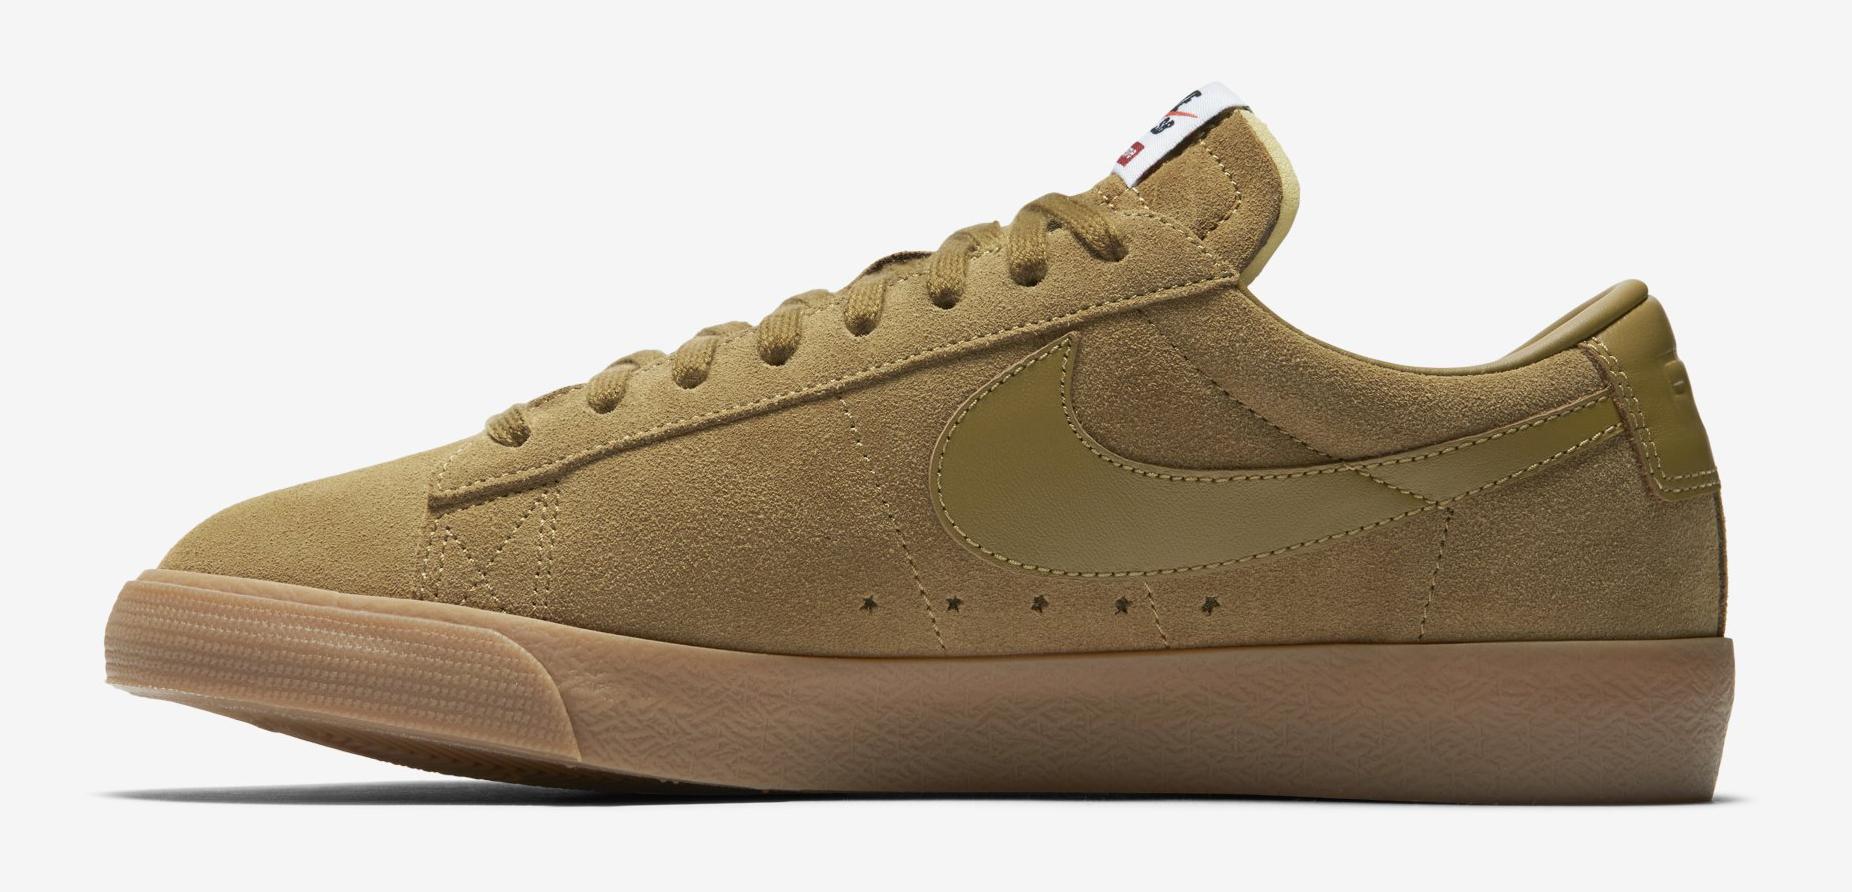 online retailer 4fc69 969e6 Supreme Nike SB Blazer Low 716890-229 Tan Medial